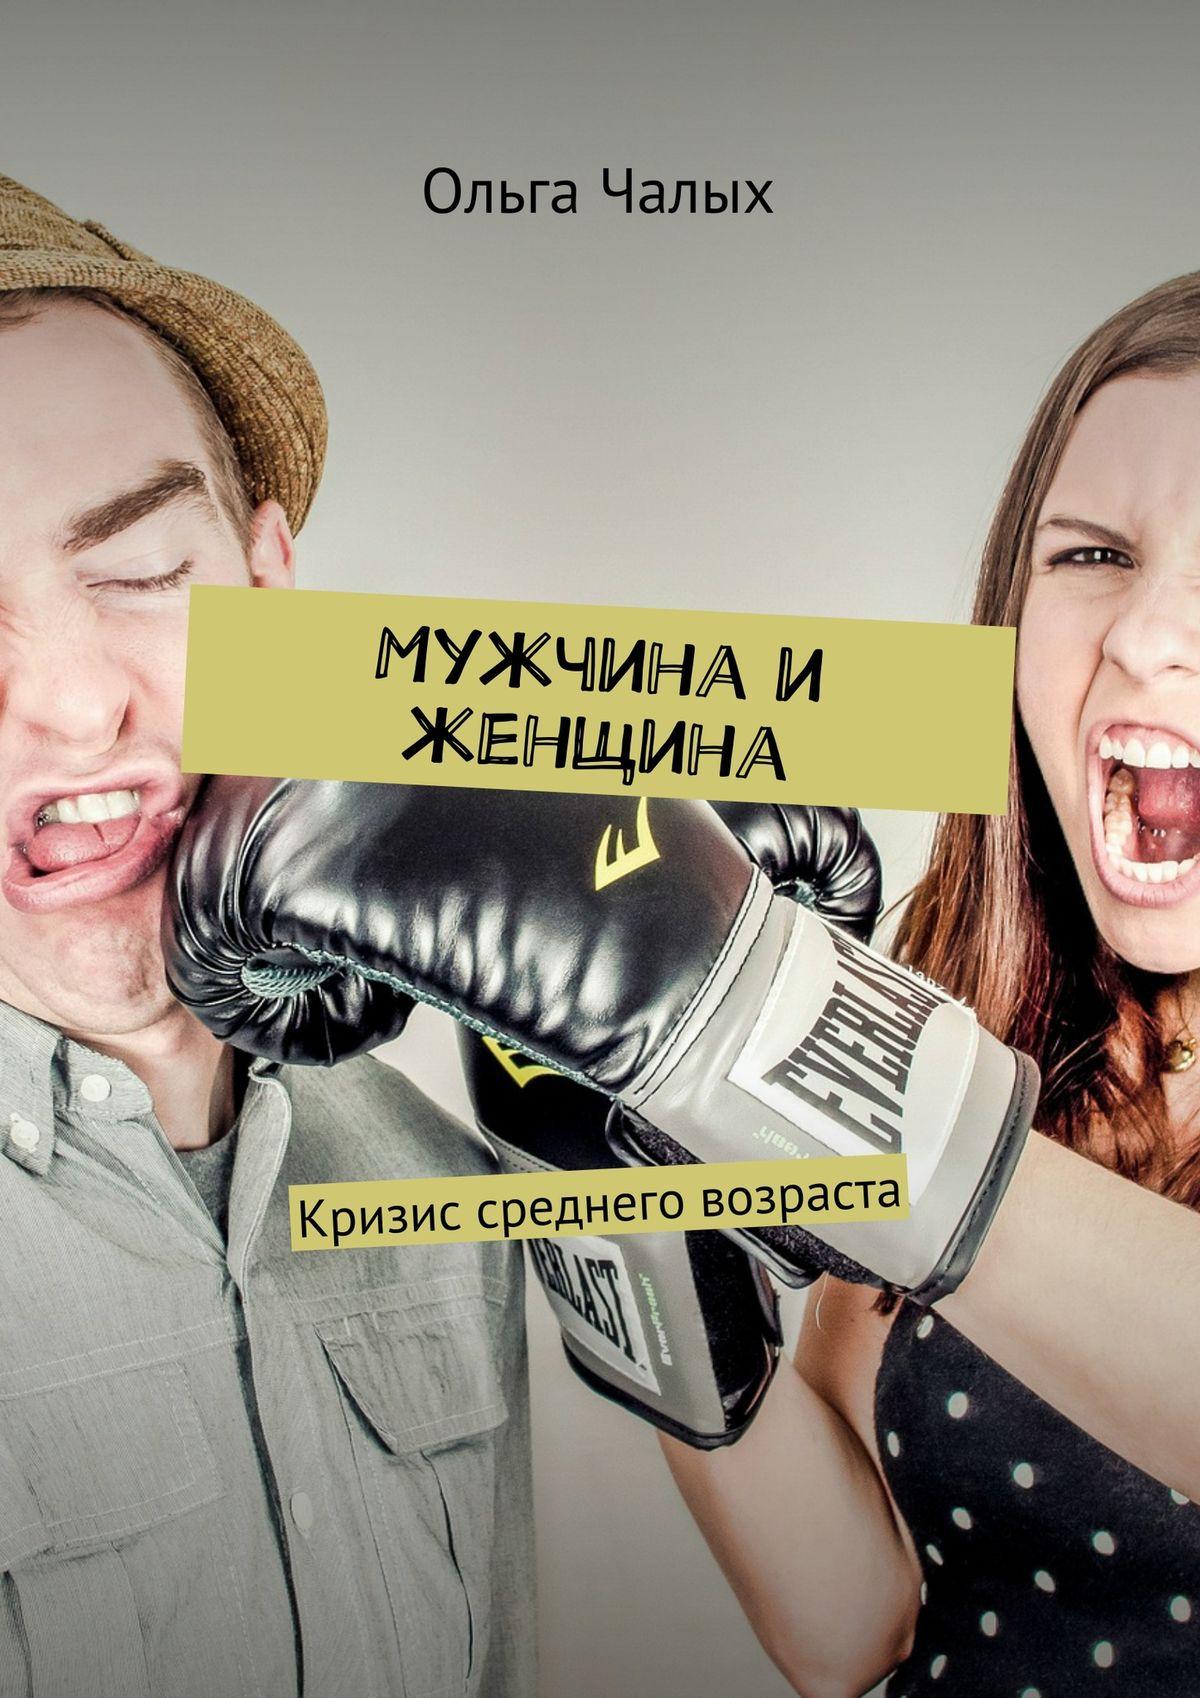 цена на Ольга (Хельга84) Чалых Мужчина и женщина. Кризис среднего возраста